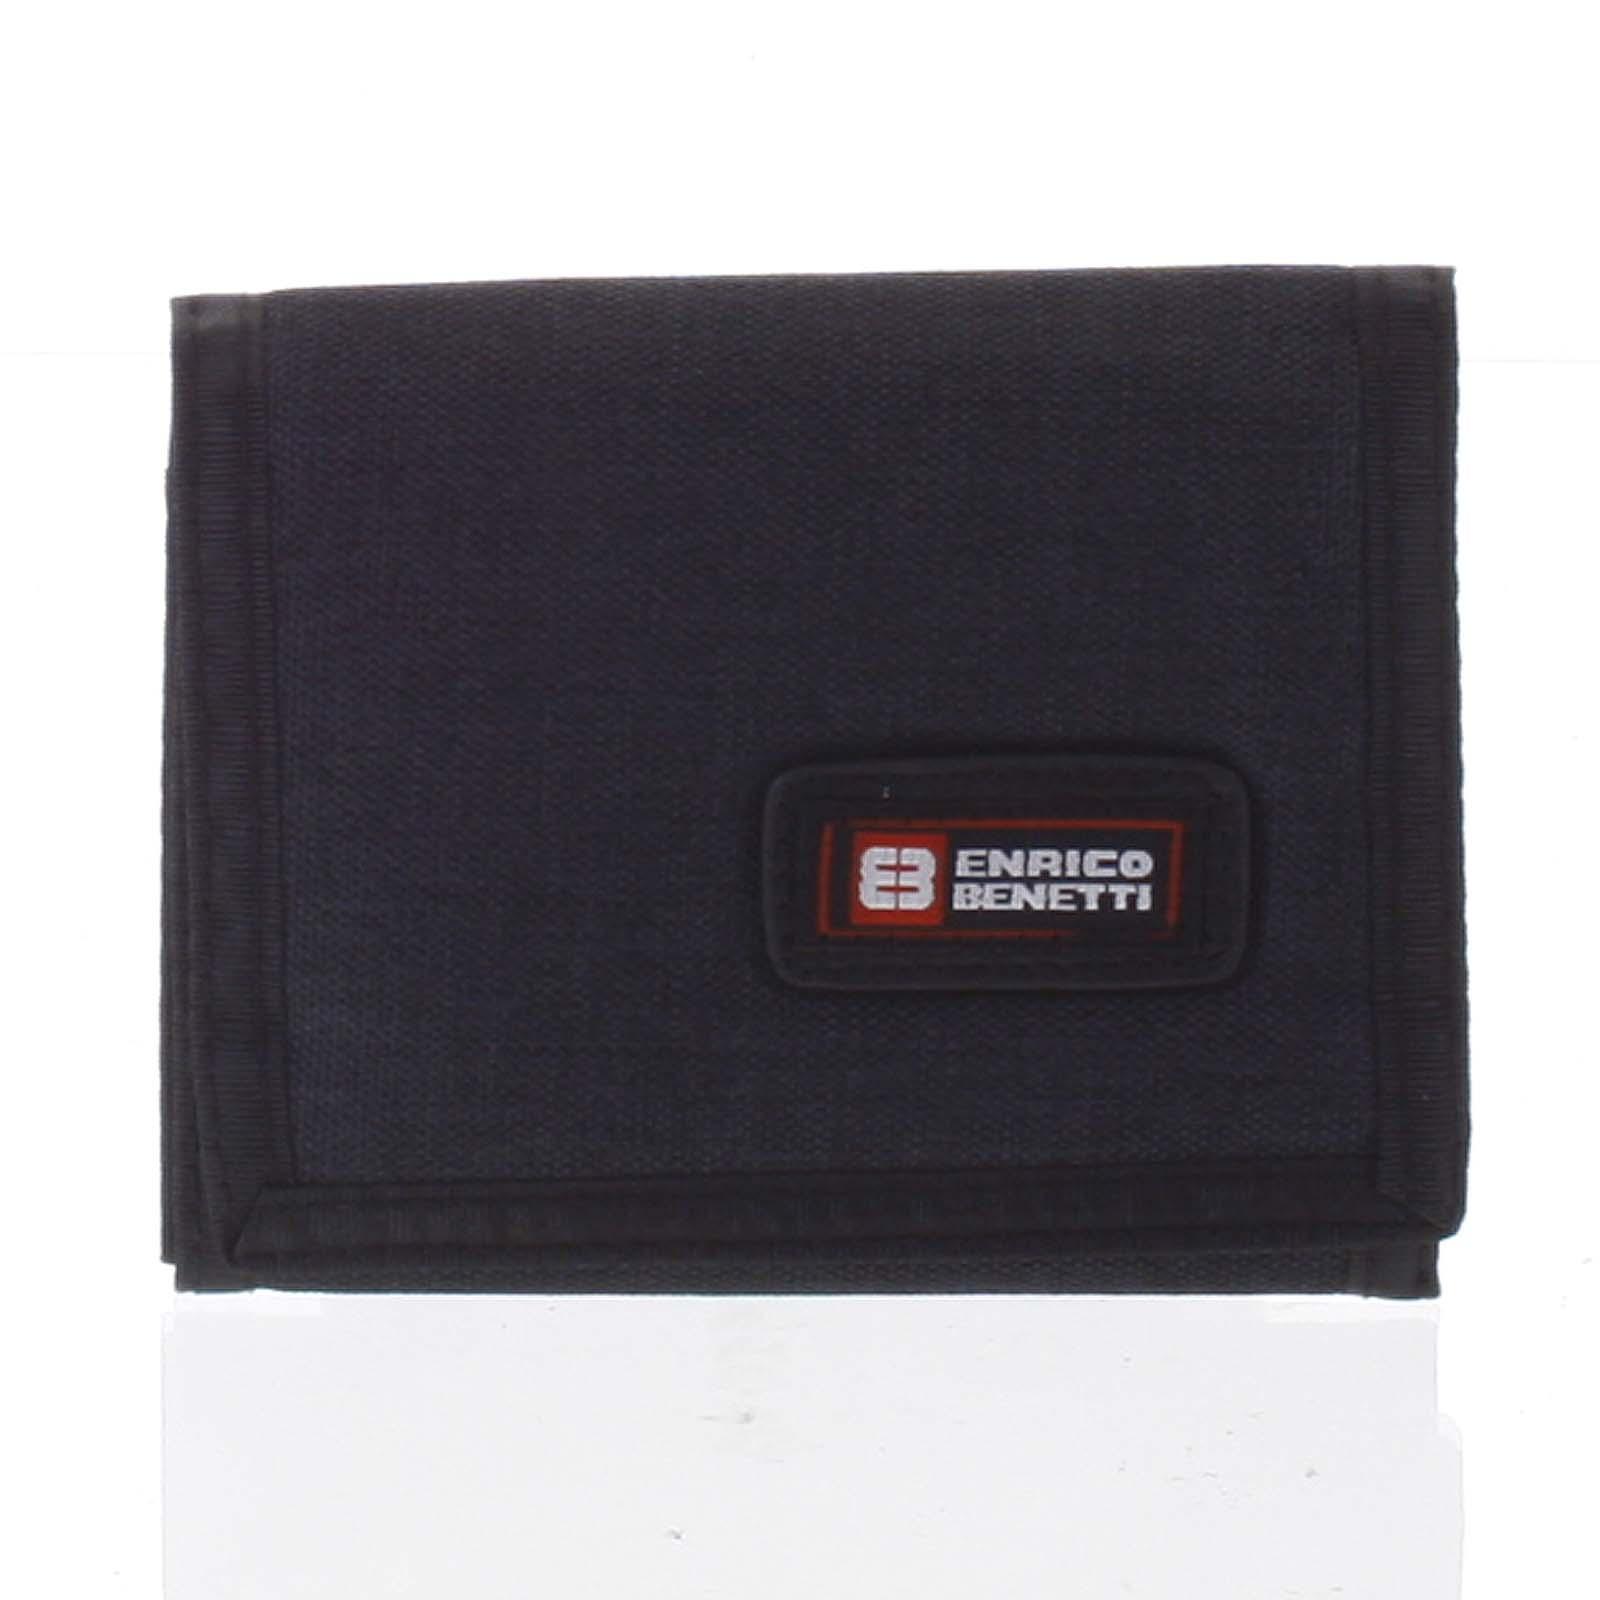 Peněženka látková černá - Enrico Benetti 4600